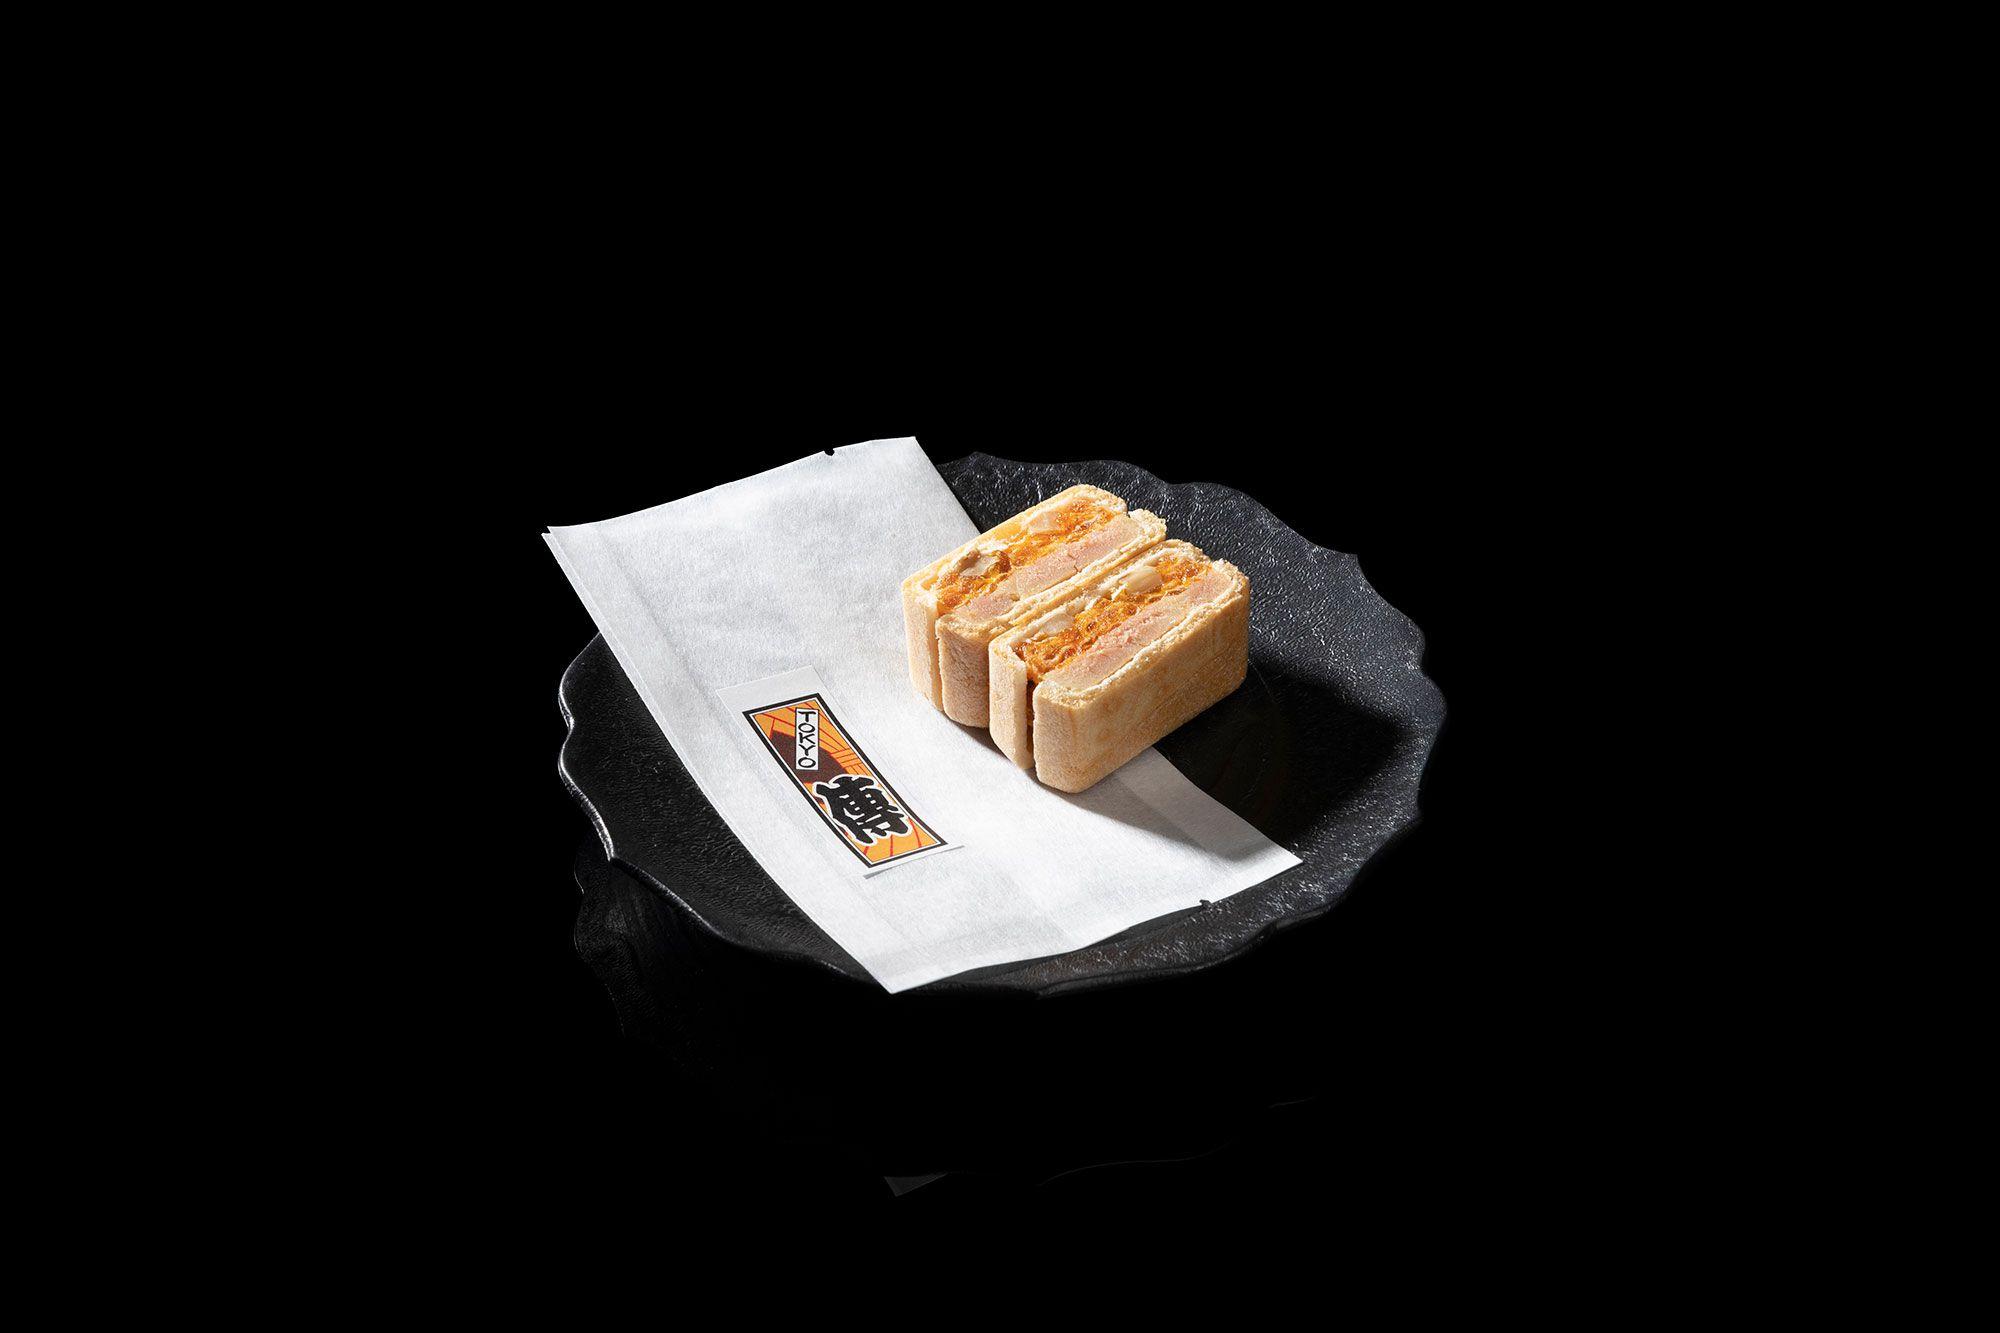 放入鵝肝醬的最中餅,可謂是「傳」的秘密料理。享受精打細算的口感與味覺。